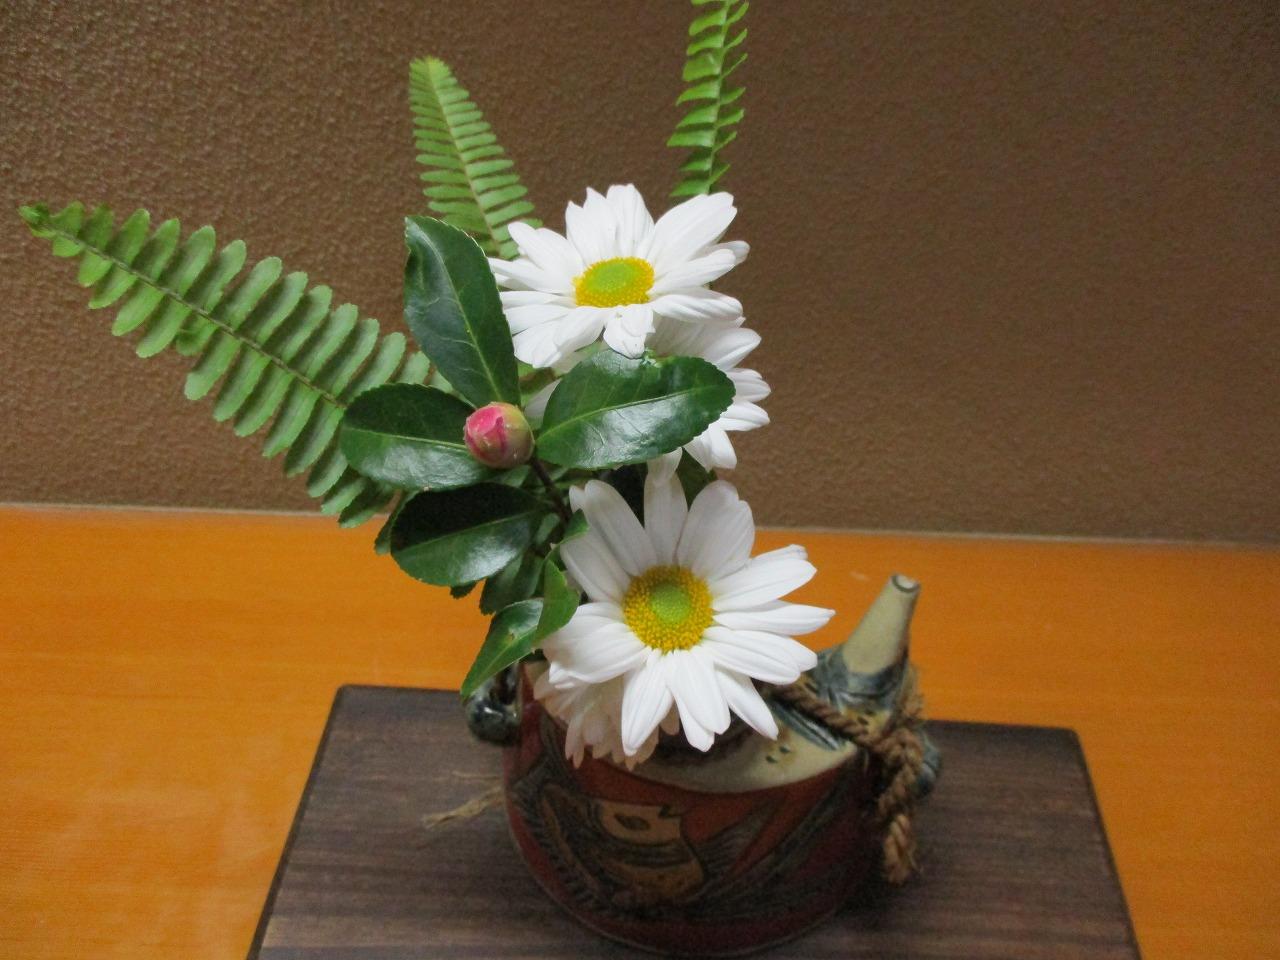 花の種類⇒ キク ツバキの実